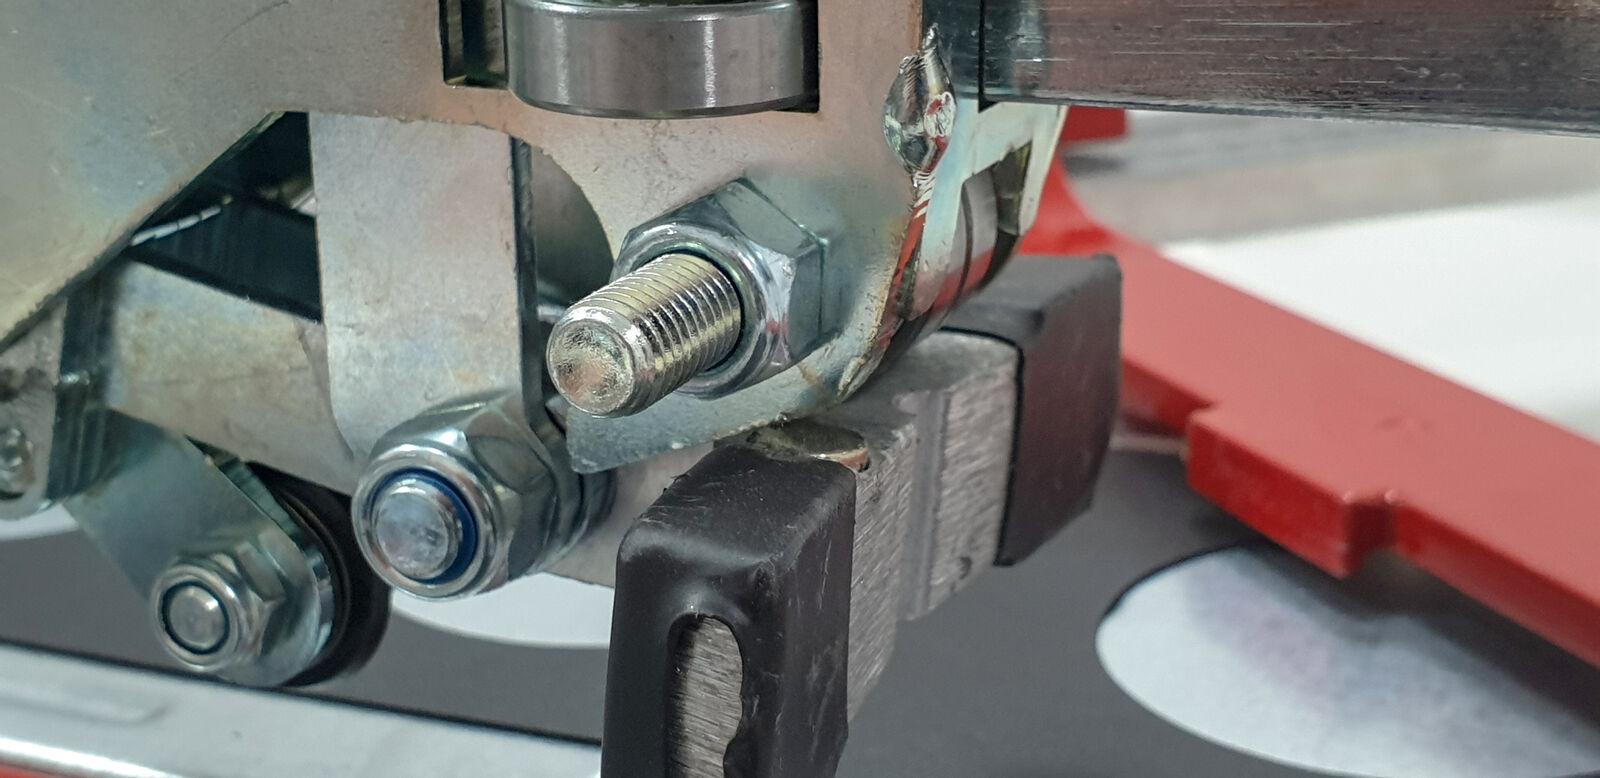 Fliesenschneider MaxiCut 850 mm   Der neueste neueste neueste Stil    Die Farbe ist sehr auffällig    Ideales Geschenk für alle Gelegenheiten  609086